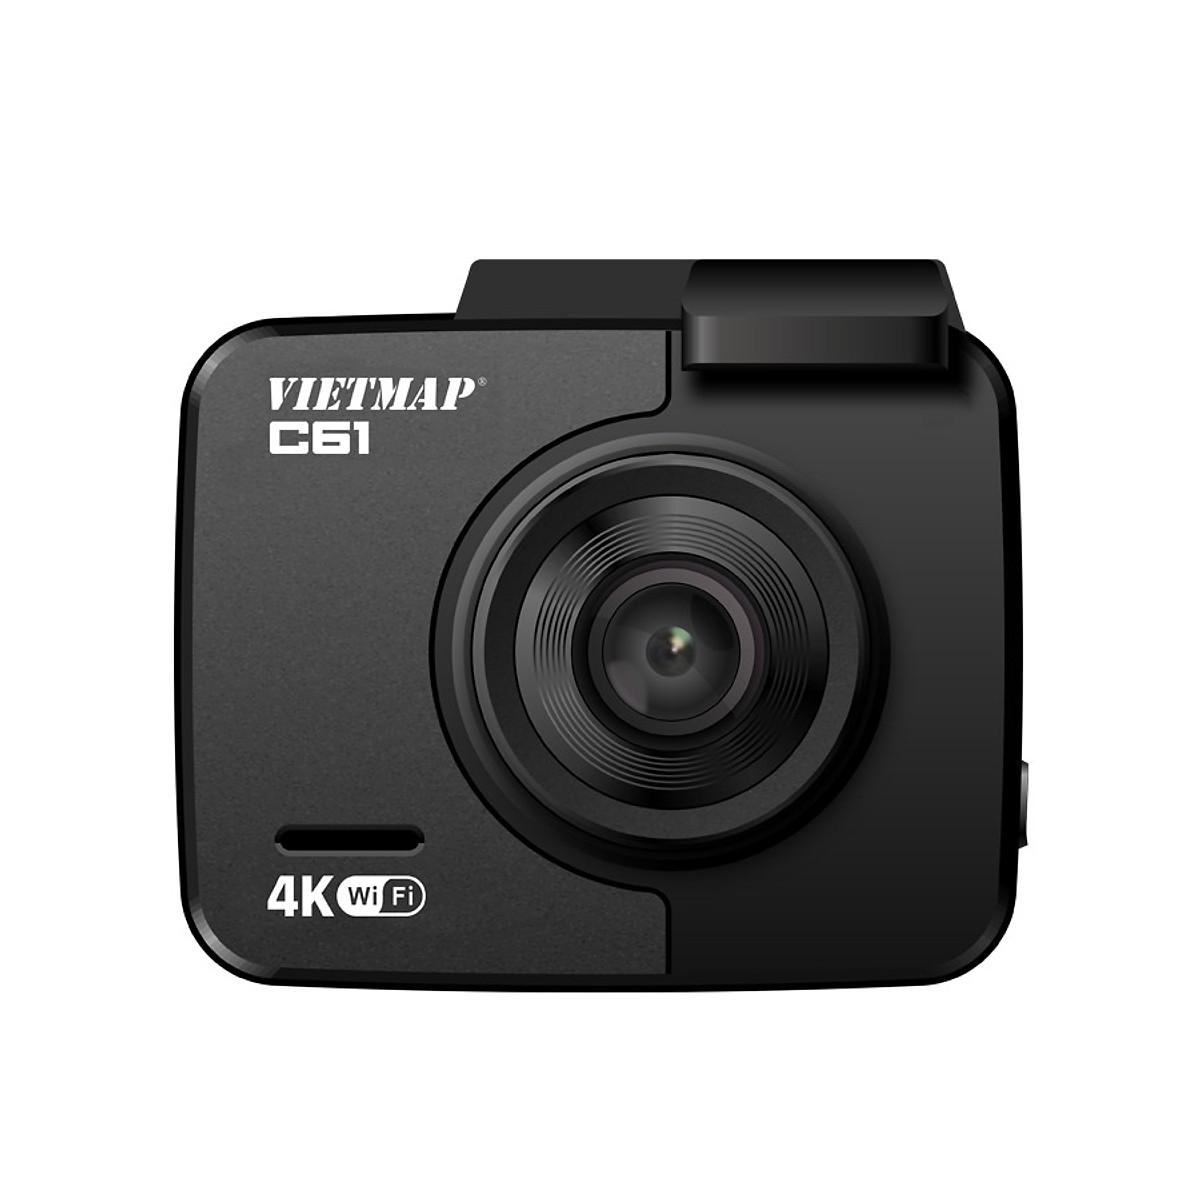 camera hanh trinh o to vietmap c61